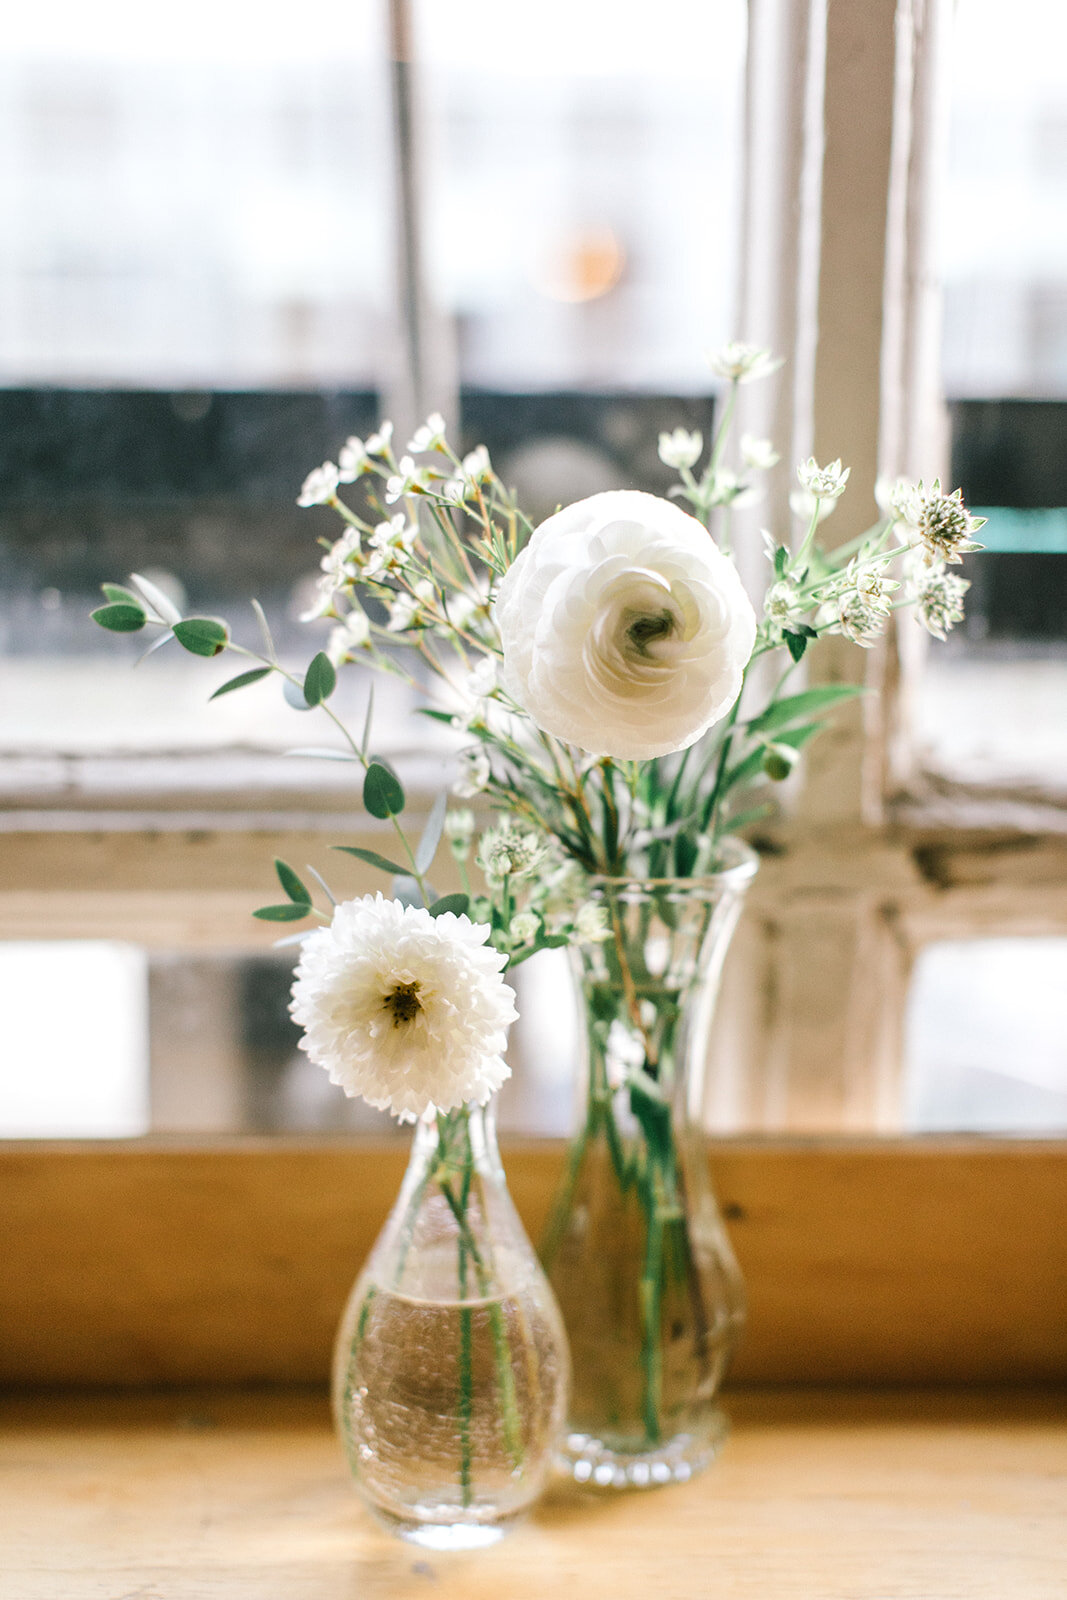 Photography | @tamara_lockwood  Dress | @jealousbridesmaids  Florals | @theweekend_florist  Hair | @angela.deb.stylist  Makeup | @karimasumar  Band | @parksidedrive